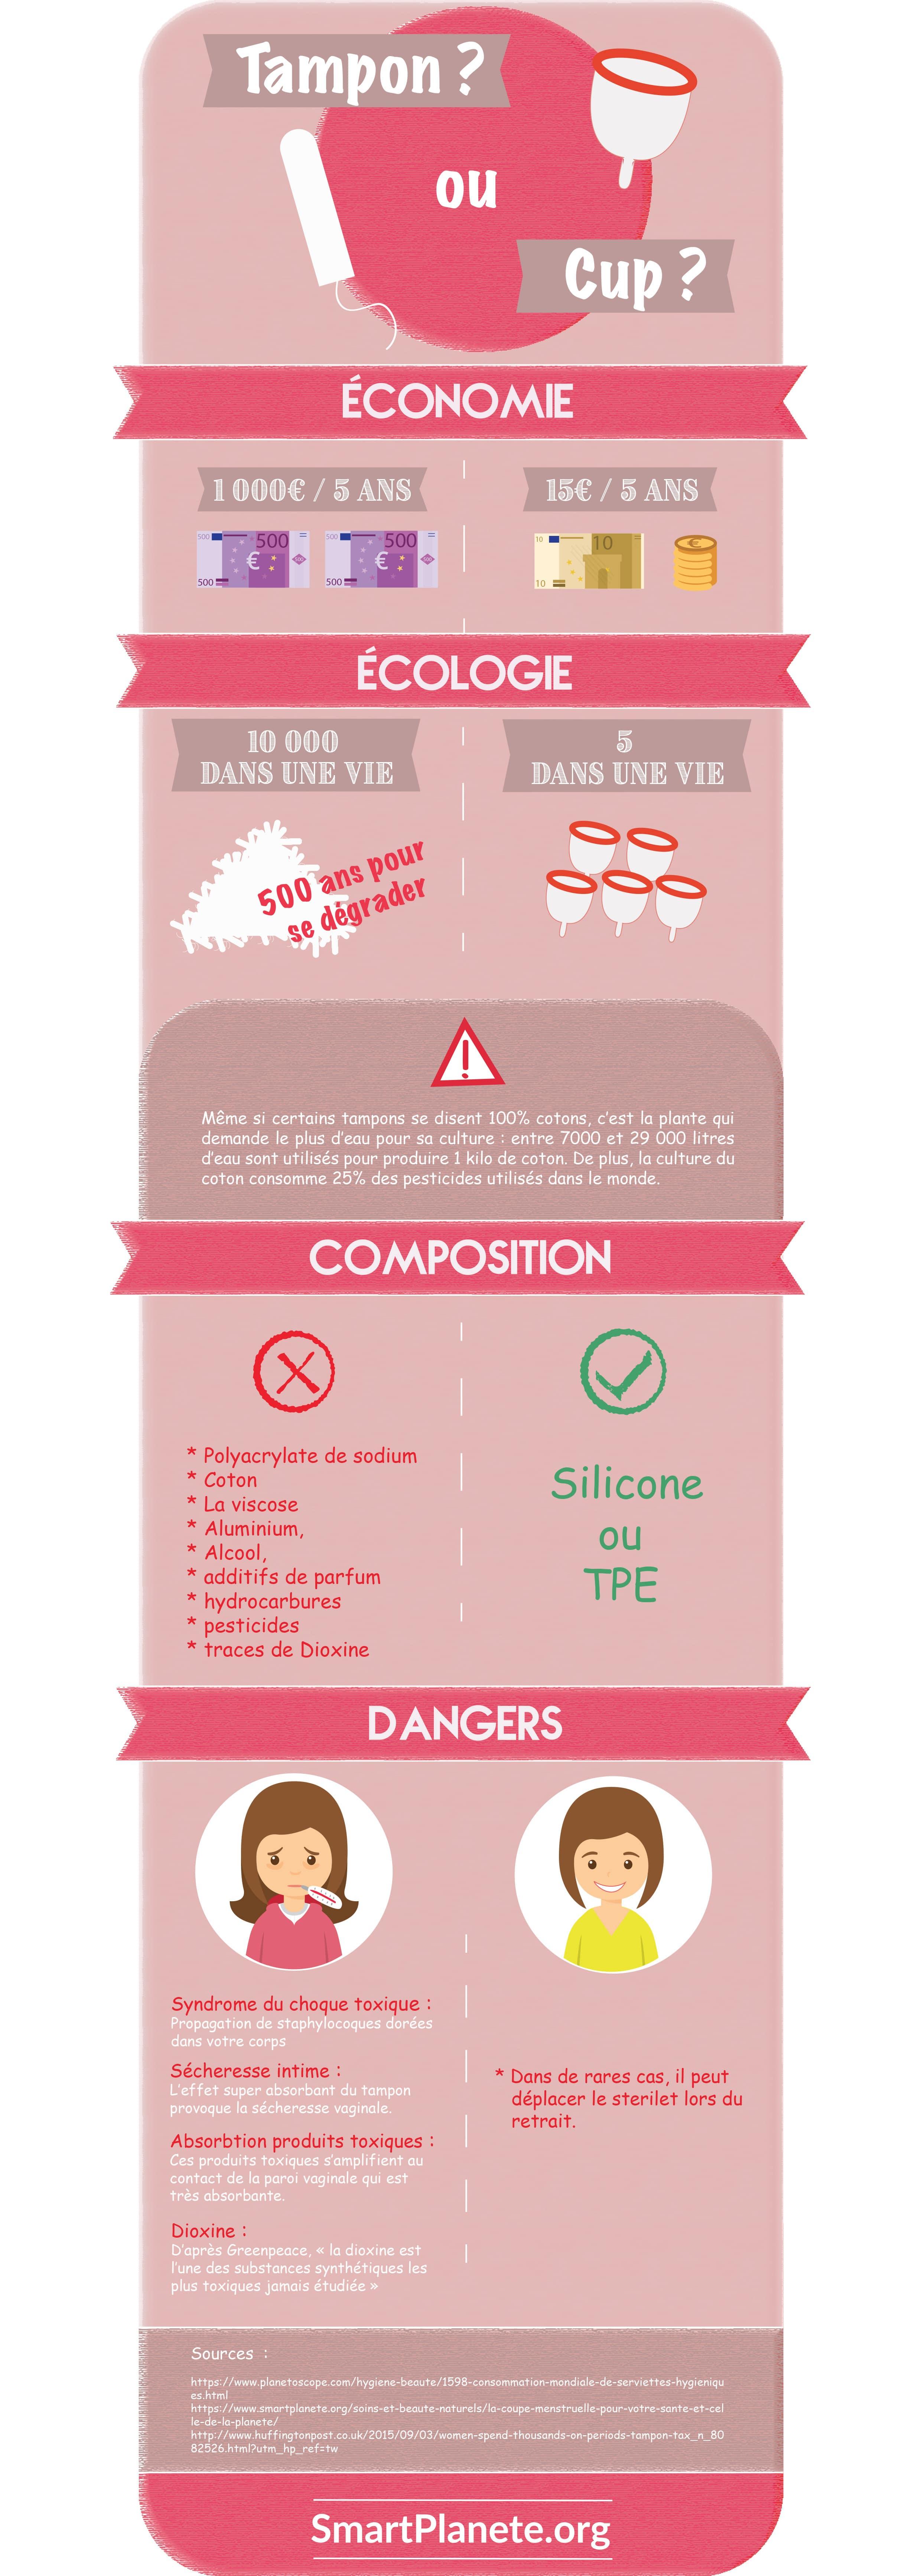 Infographie comparative entre la coupe menstruelle et les tampons